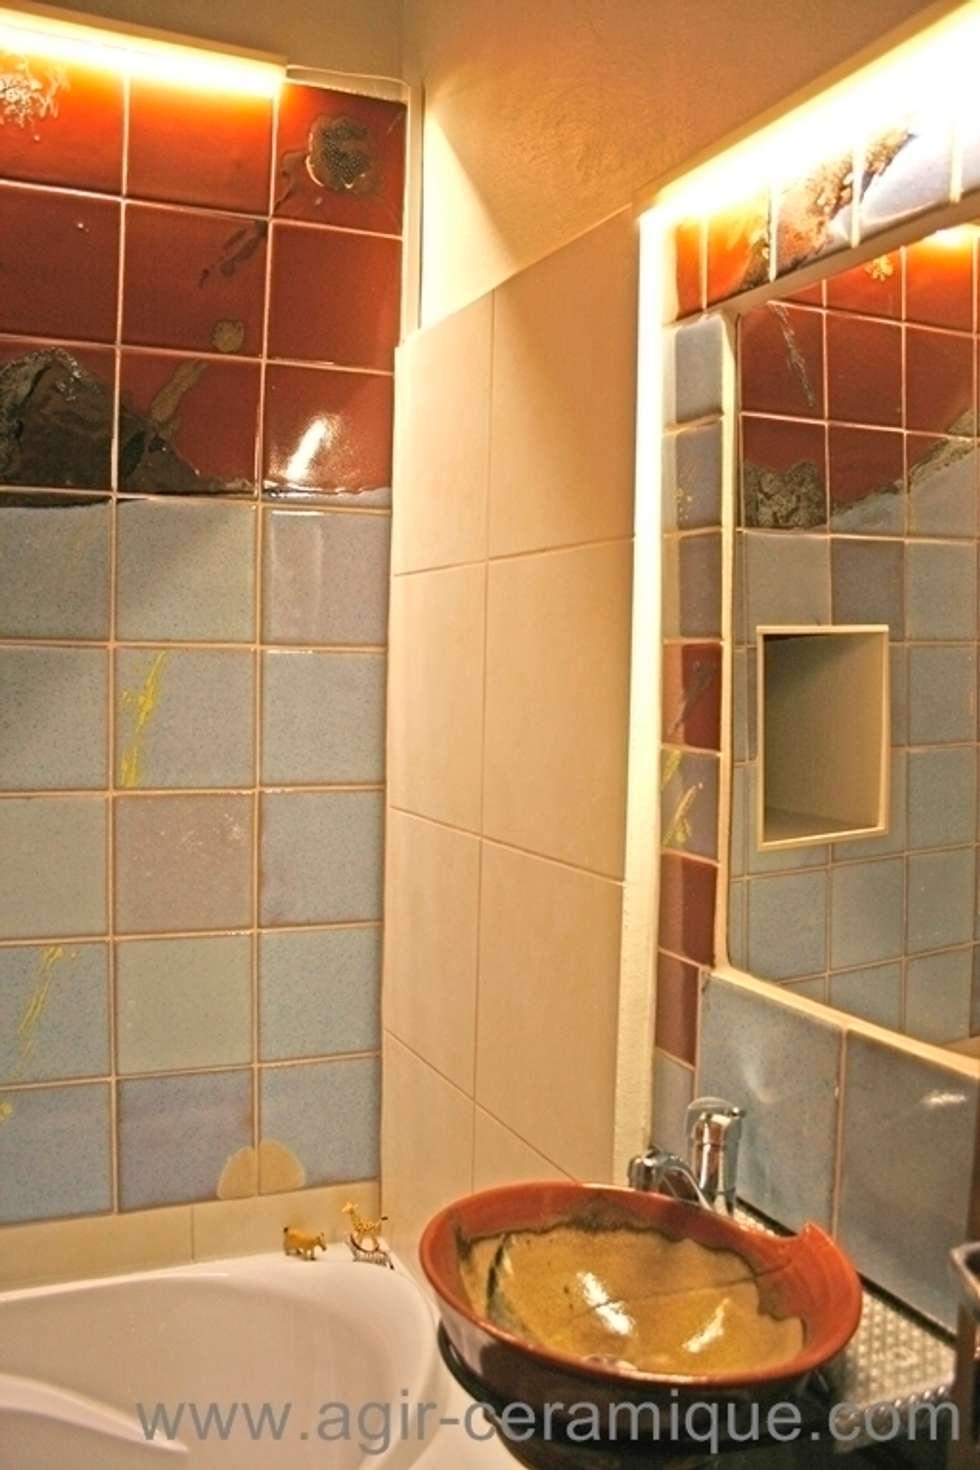 carrelage et lavabo salle de bains : Salle de bains de style  par AGIR Céramique